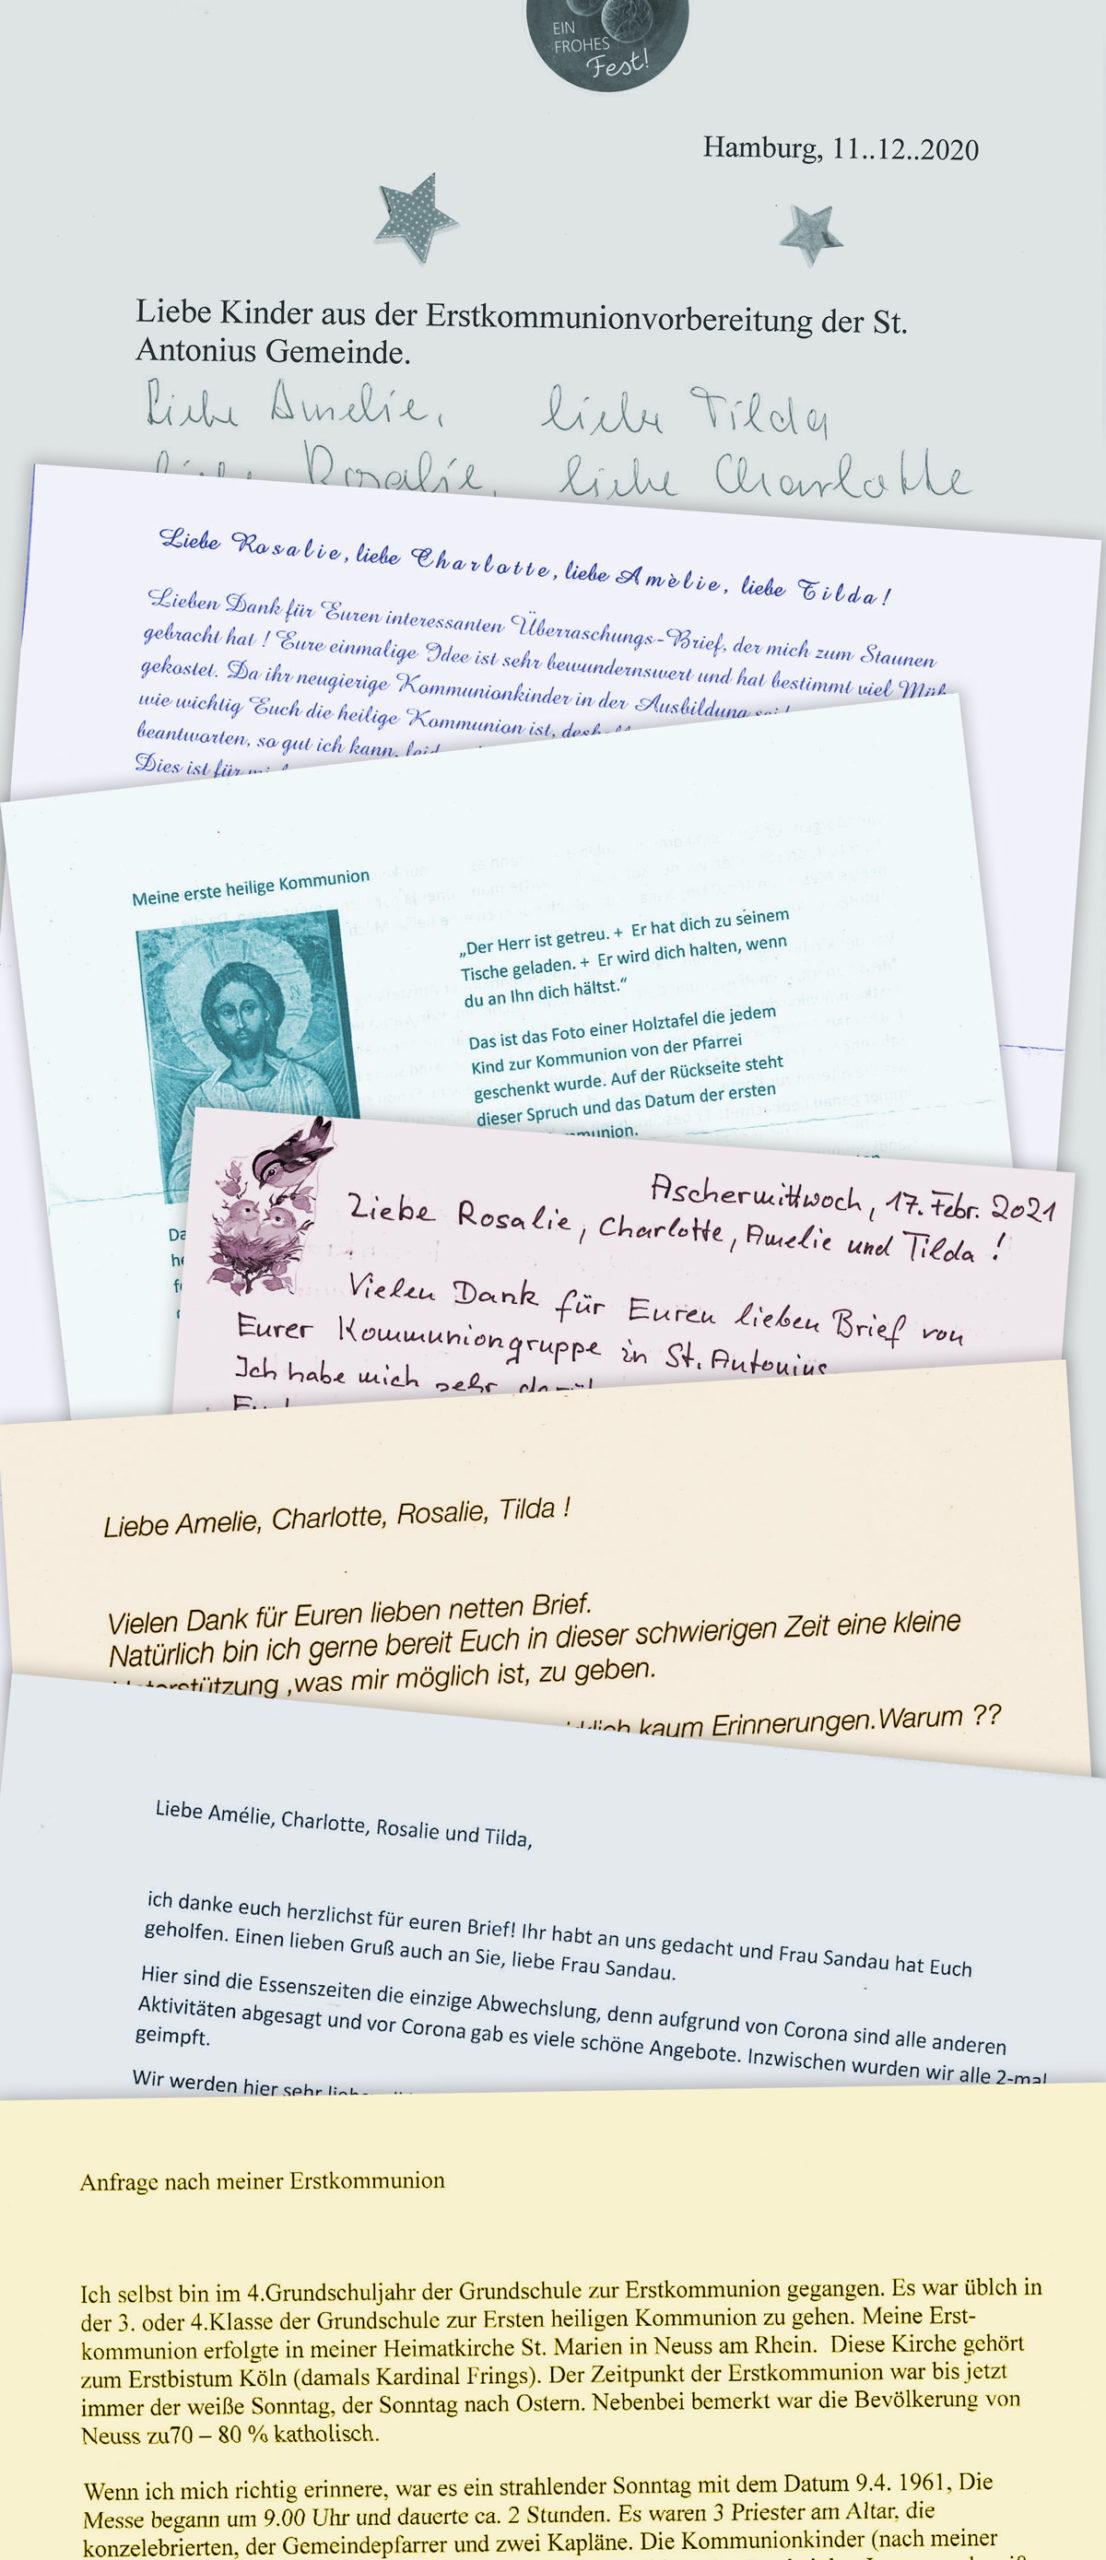 Briefe an die Kommunionkinder Amélie, Charlotte, Rosalie und Tilda